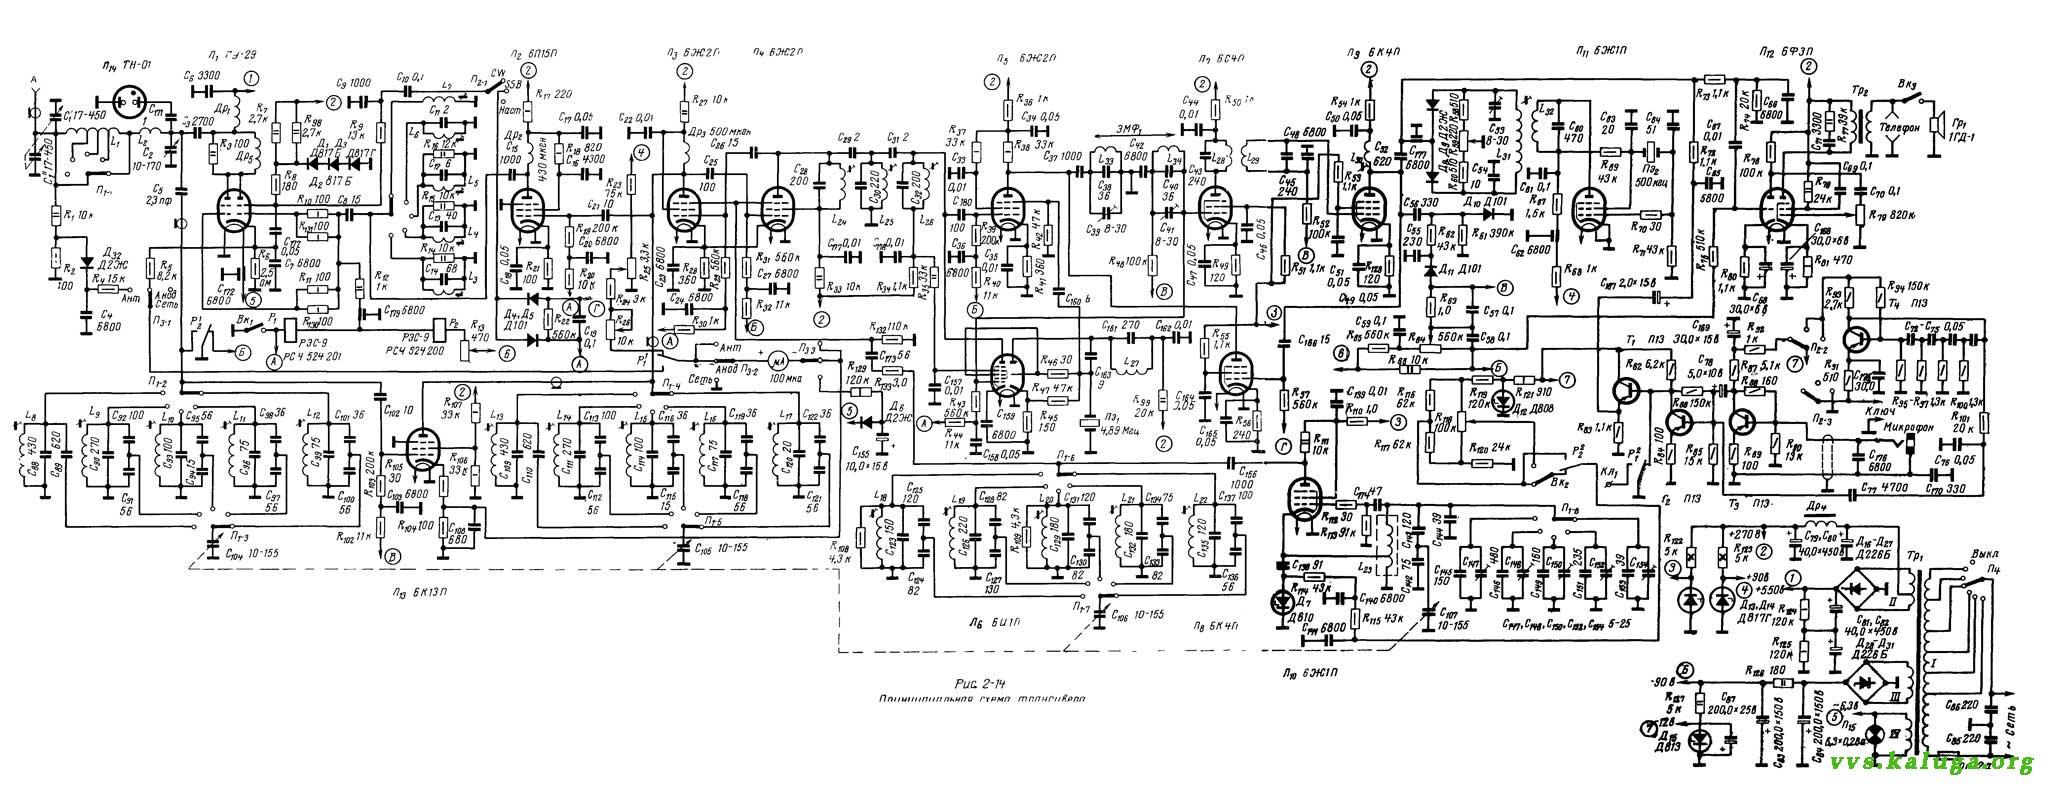 Принципиальная схема коротковолновый коротковолновый трансивер ДЛ69